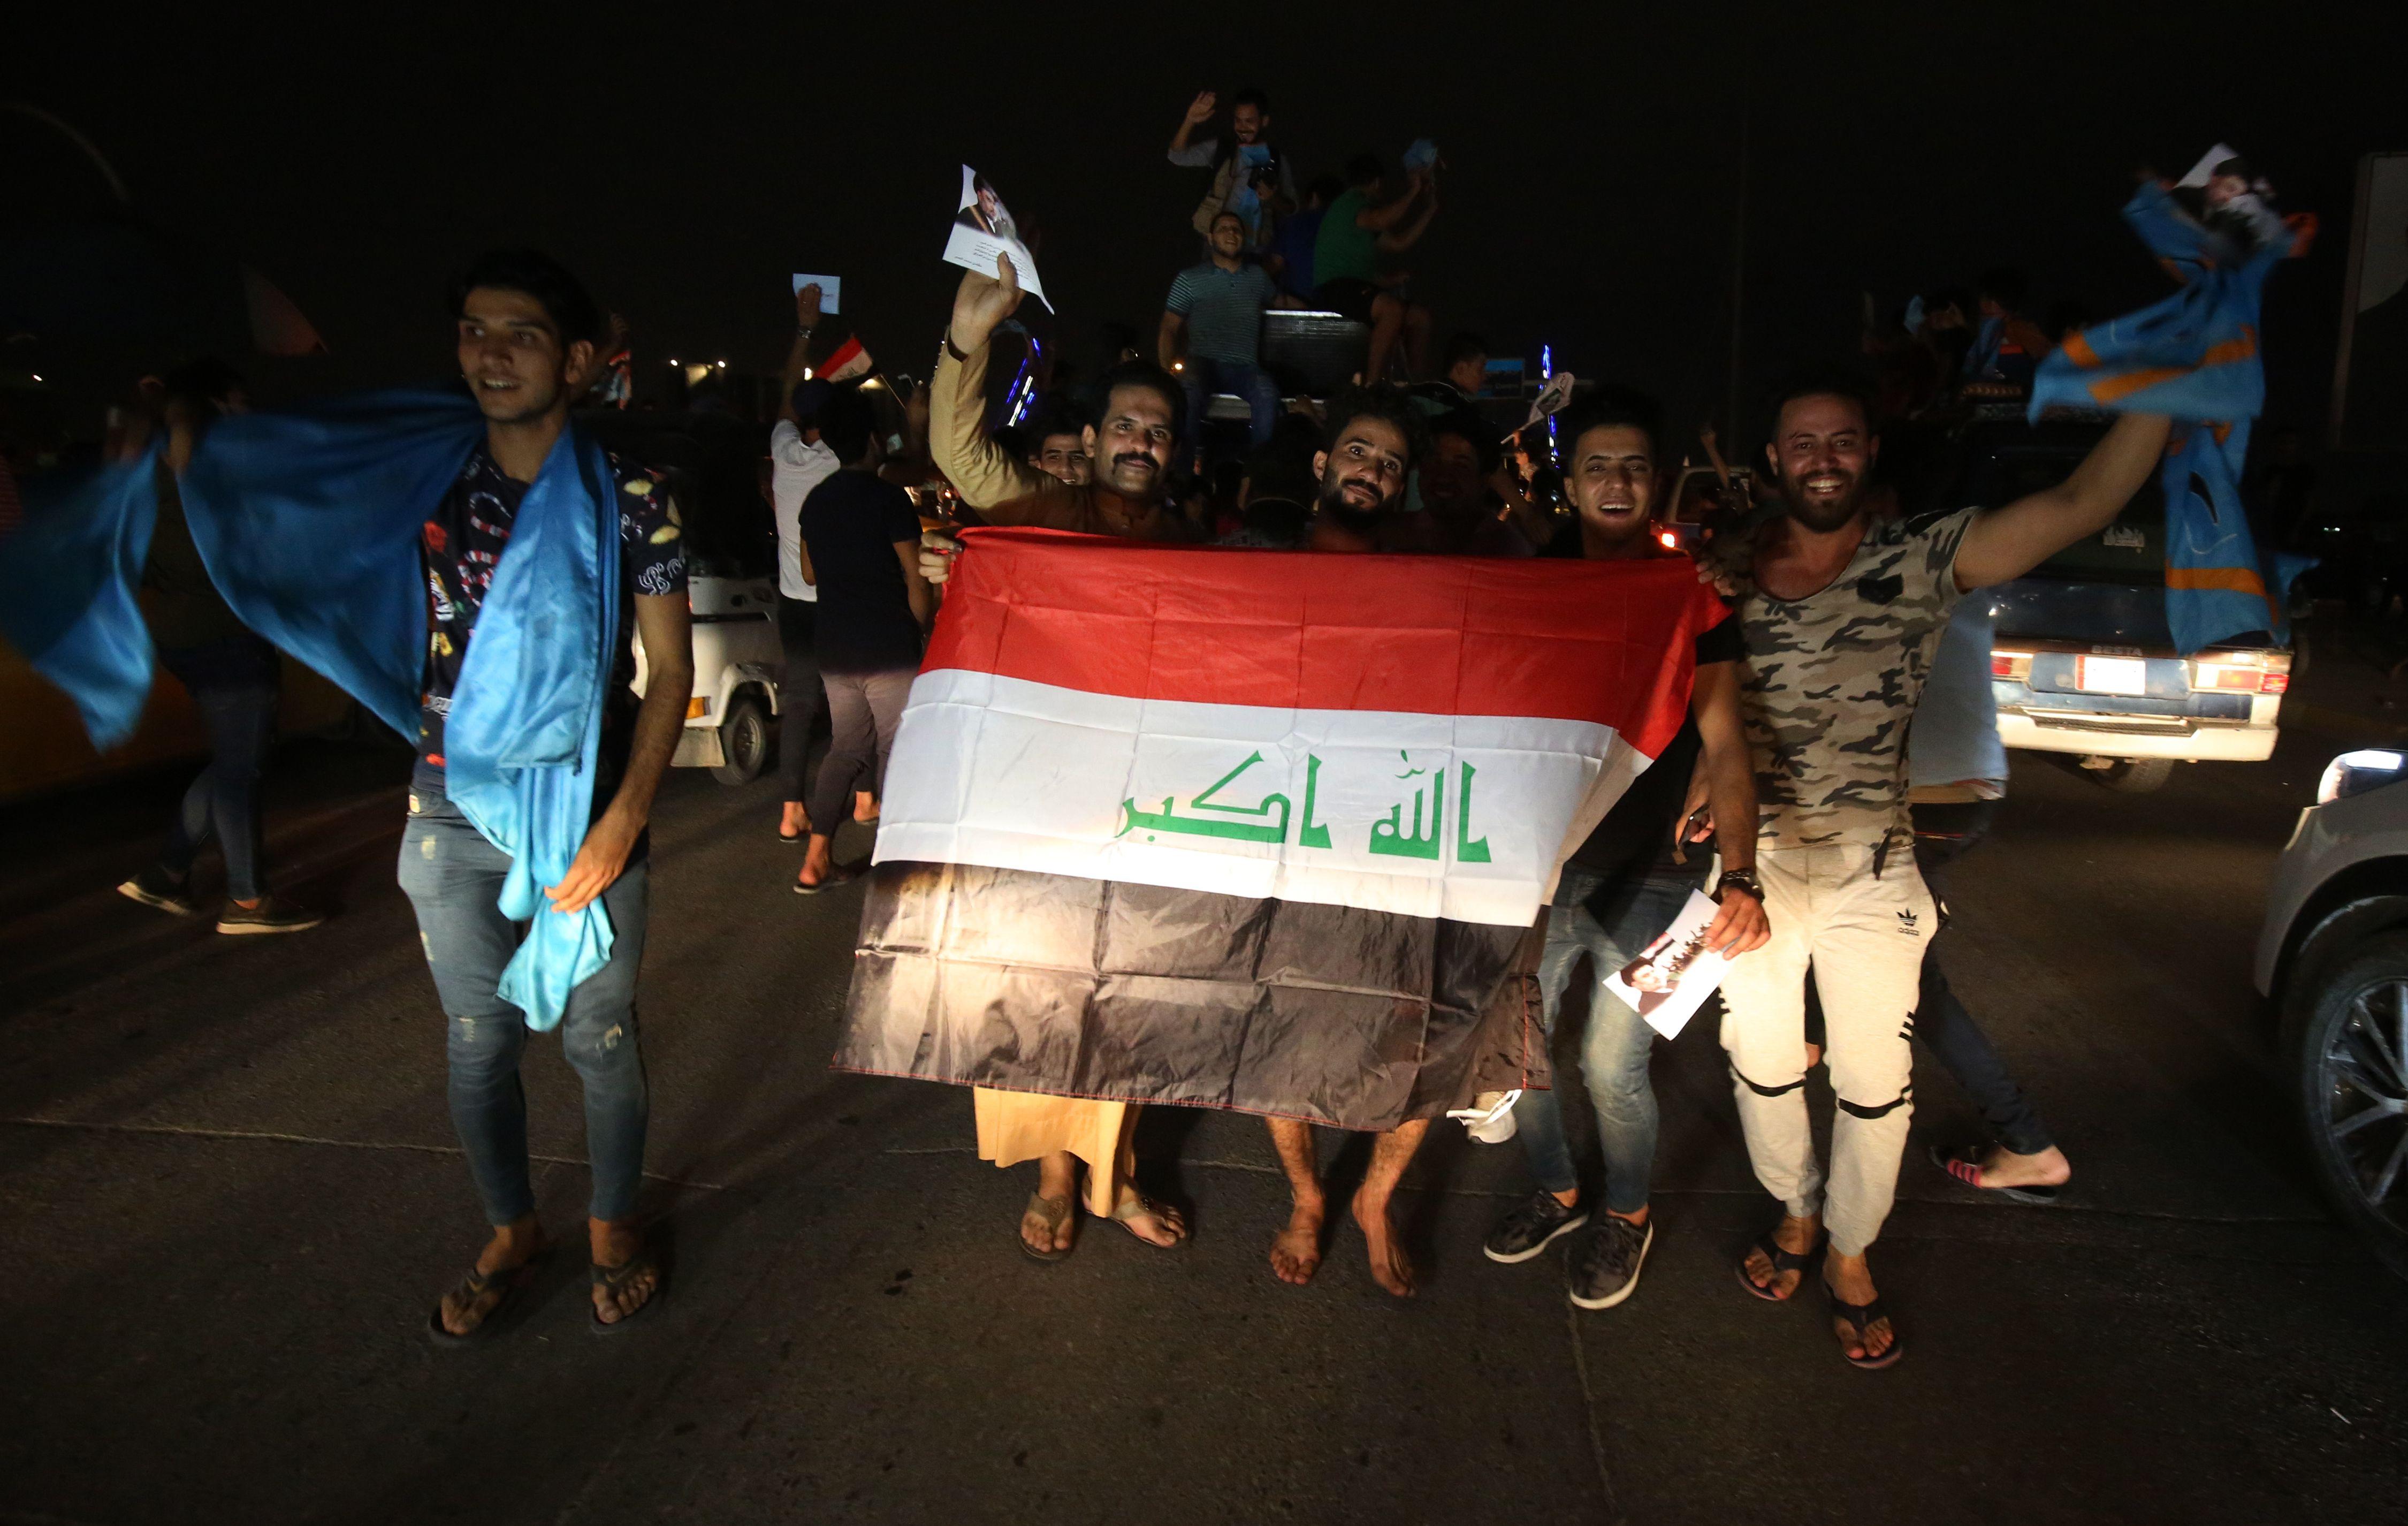 احتفالات فى العراق بنتائج الانتخابات التشريعية